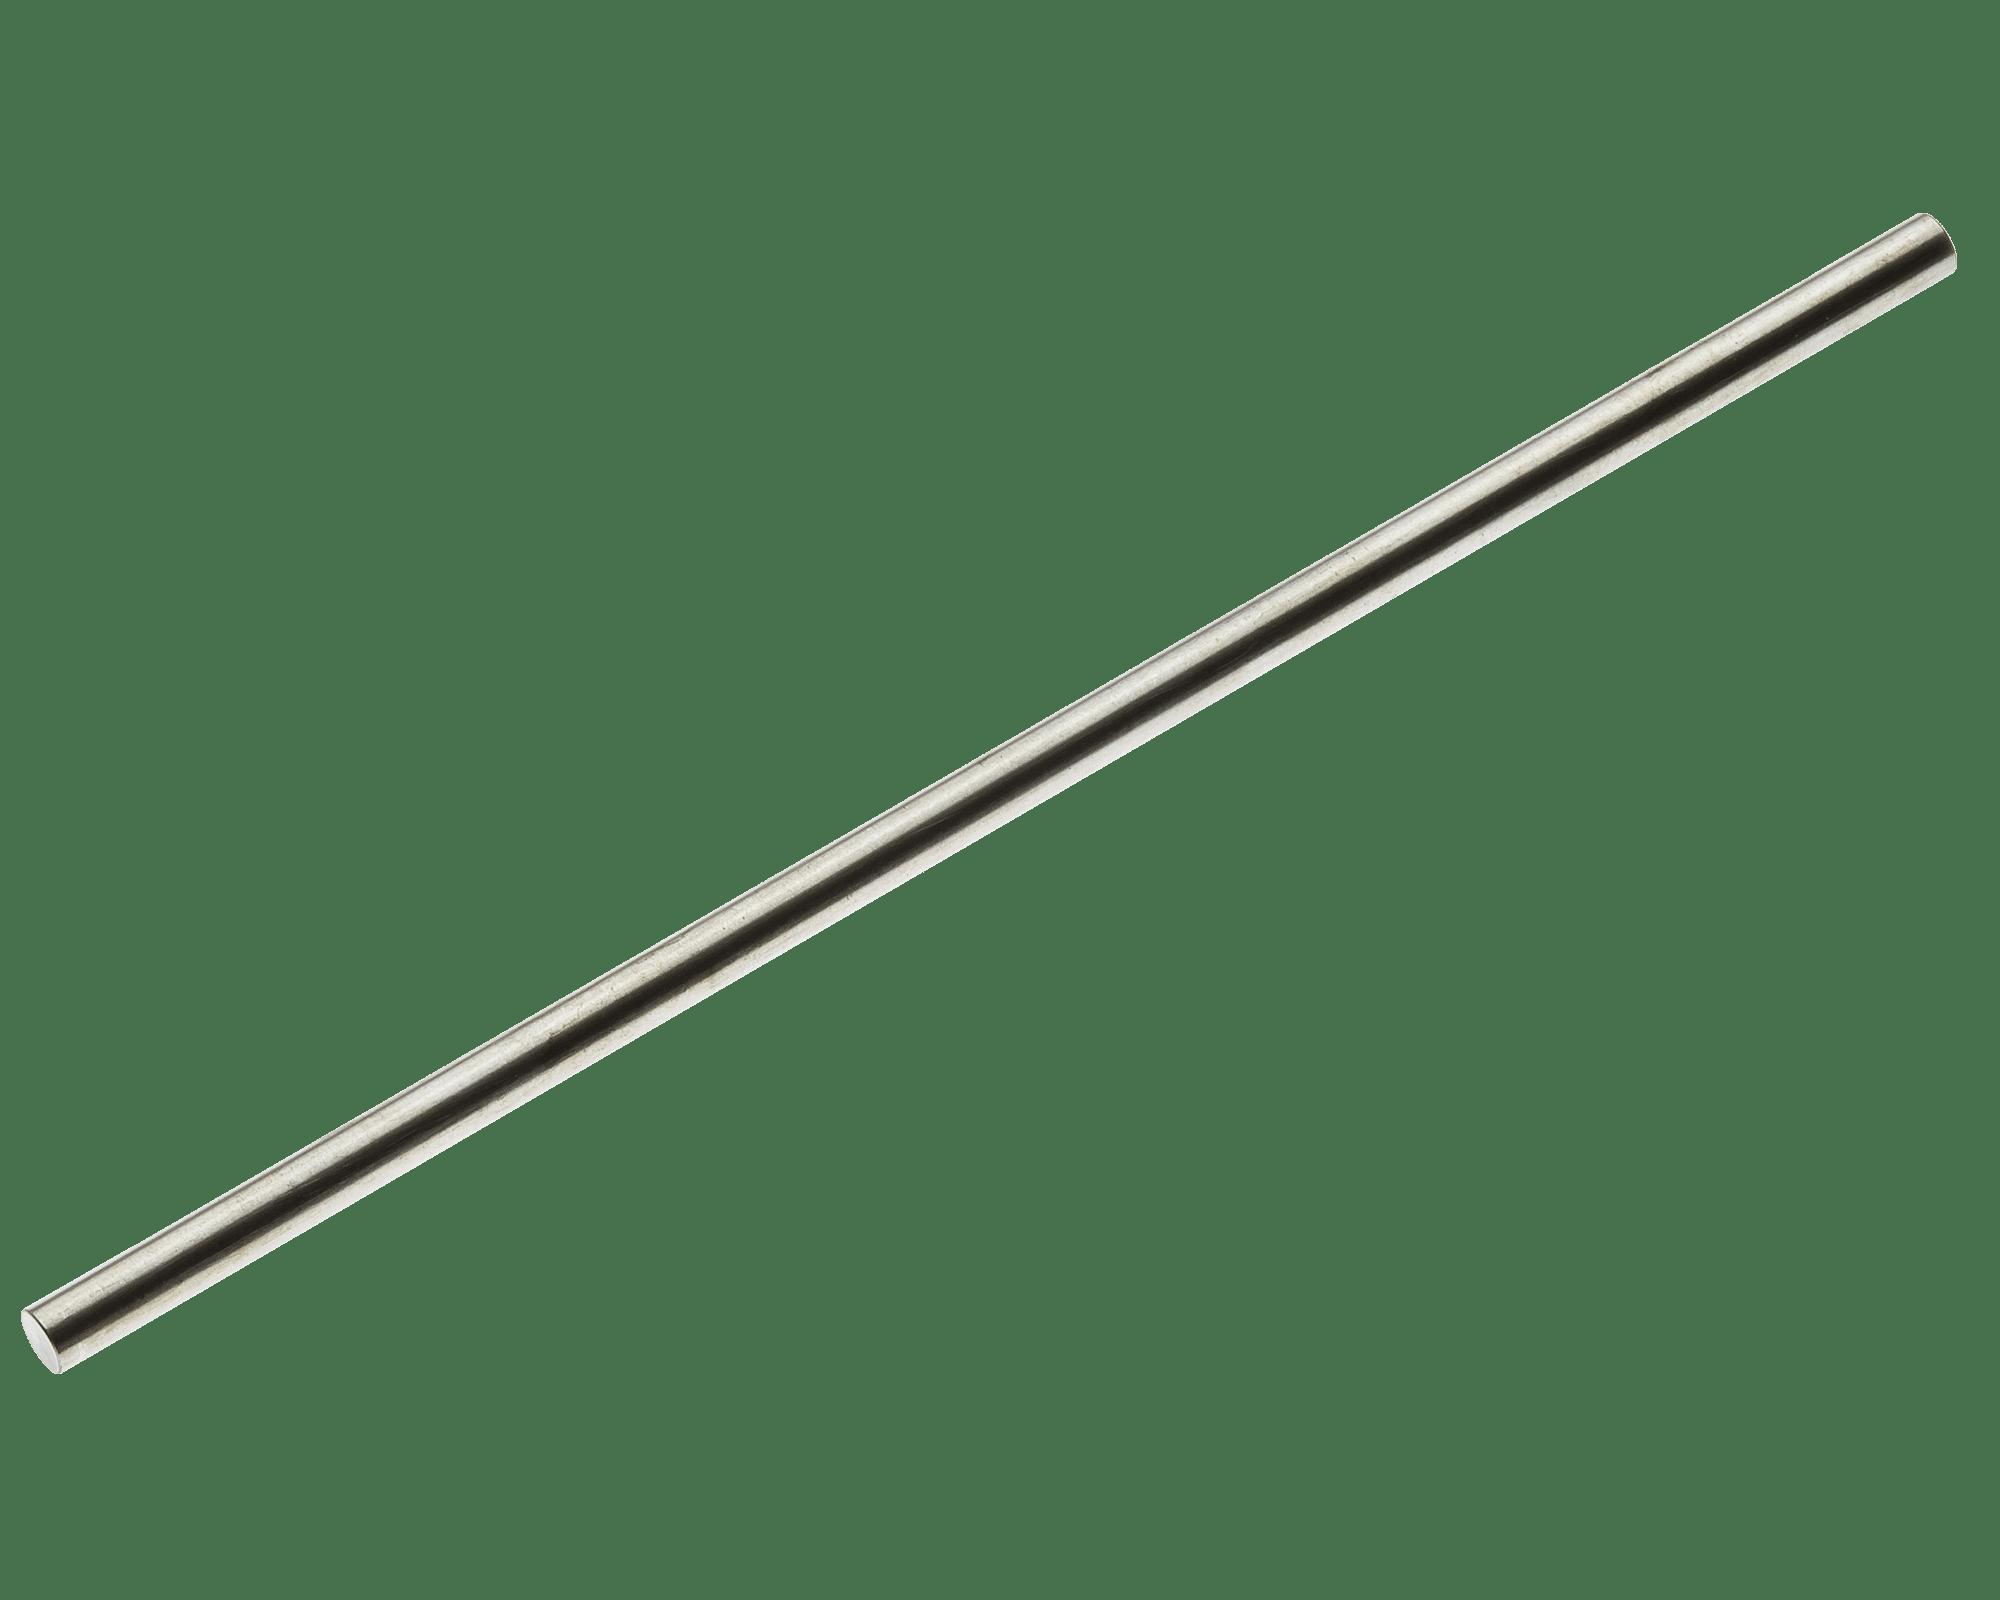 """ER0820 Electrode Rod<br>1/4"""" OD, 8"""" Length<br> Molybdenum"""